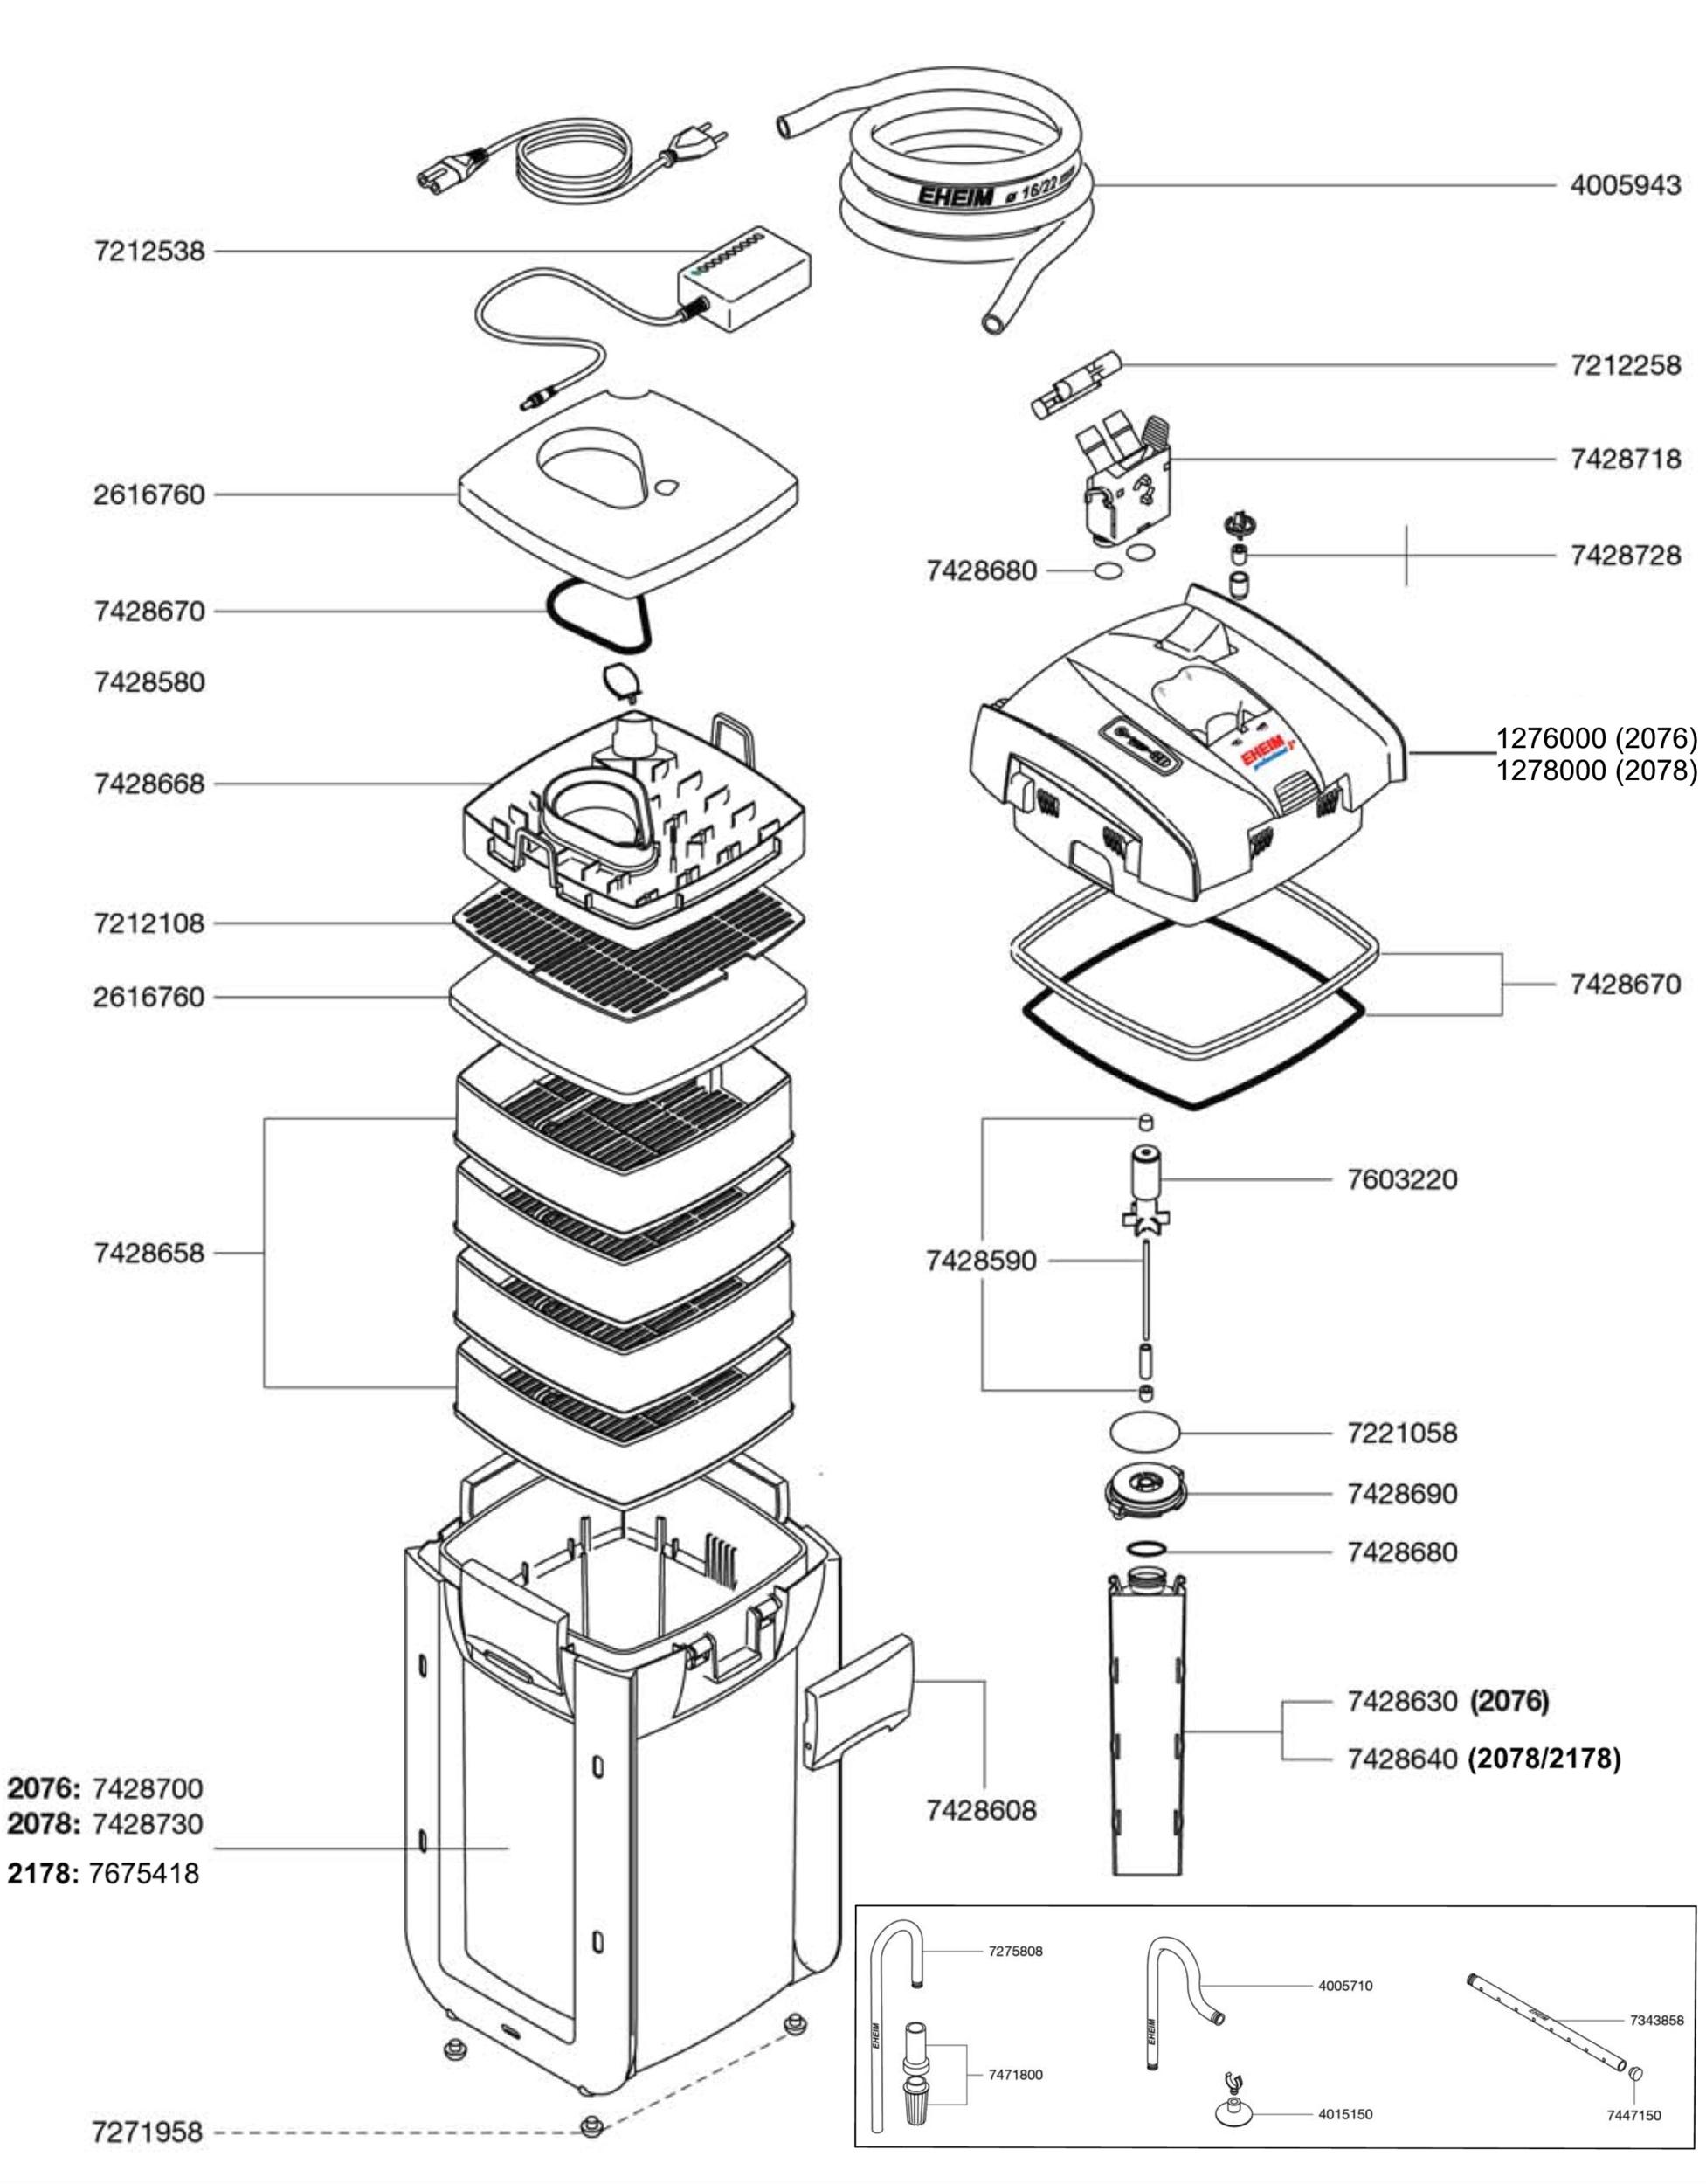 EHEIM Pièces détachées pour filtre externe Eheim Professionel 3e 2076, 2078 et 2178